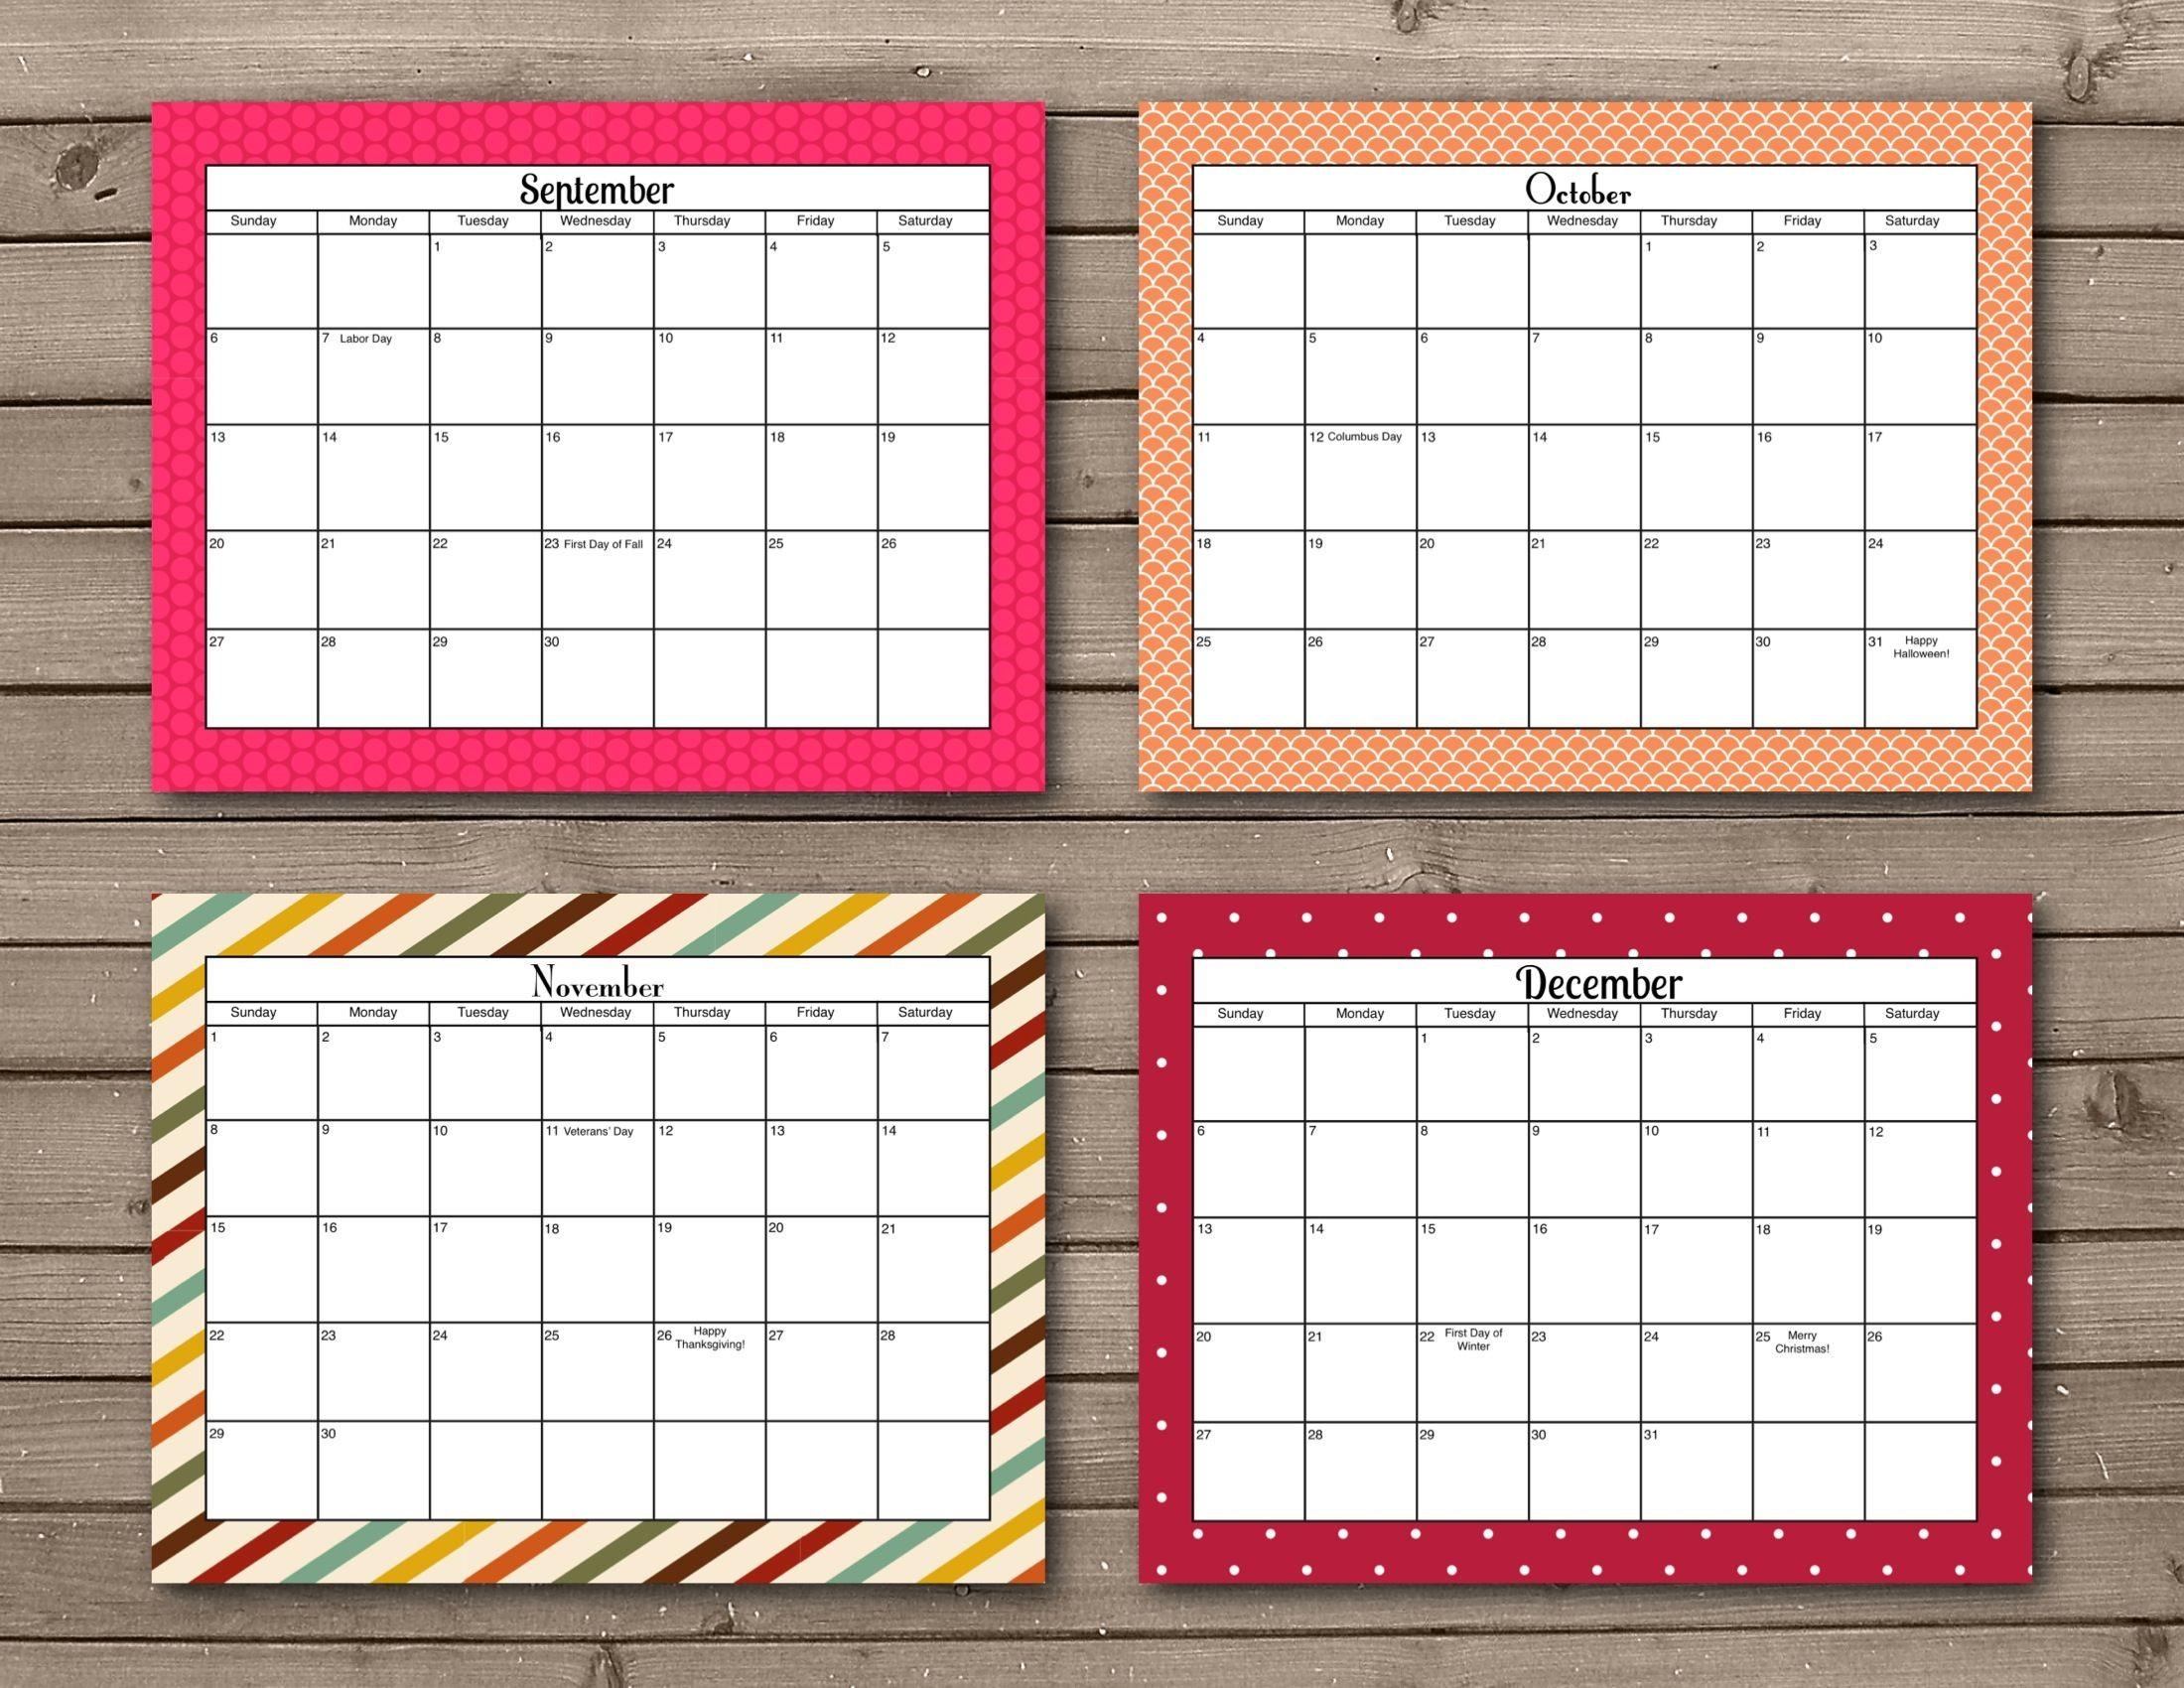 Imprimir Calendario 2017 Por Semana Más Populares Free Printable 2015 Calendar Manualidades Of Imprimir Calendario 2017 Por Semana Más Populares Hoy En El Blog Planificador De eventos Y Fiestas Party Planner